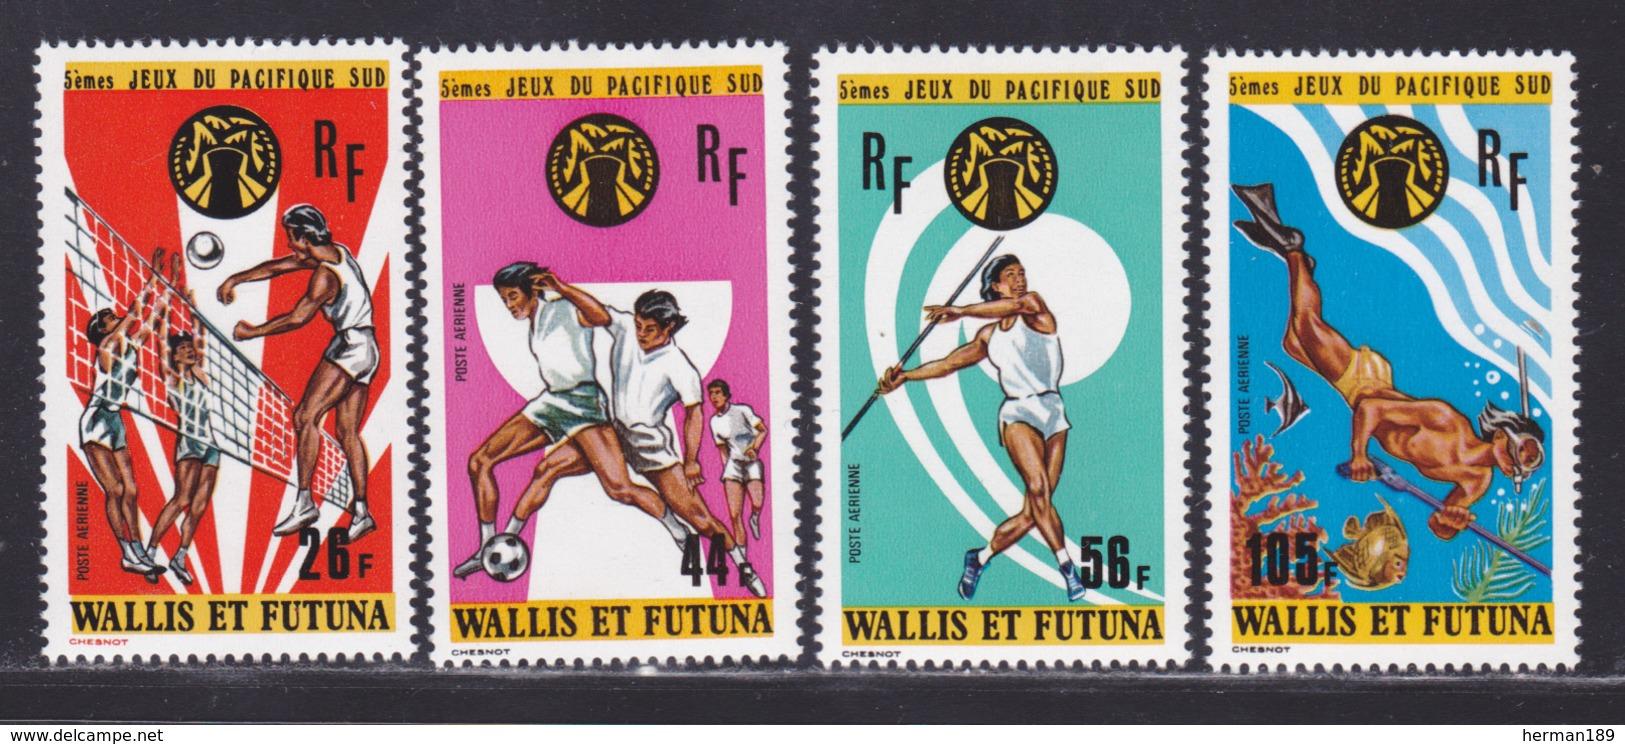 WALLIS ET FUTUNA AERIENS N°   63 à 66 ** MNH Neufs Sans Charnière, TB (D8185) Sports, Jeux Du Pacifique Sud - 1975 - Aéreo